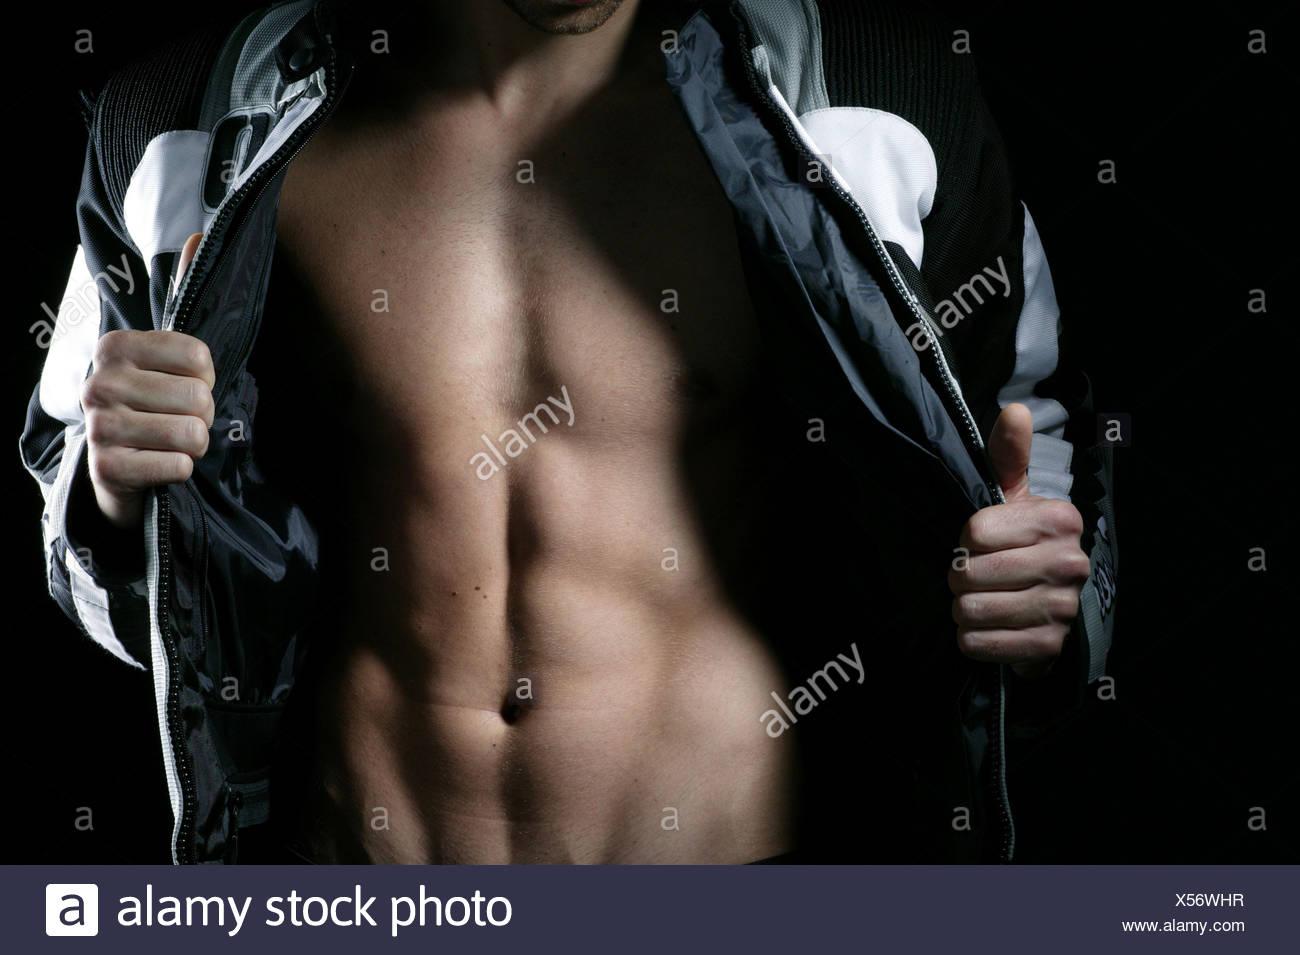 Giacca uomo apertamente il corpo superiore la muscolatura dettaglio persone giovani sta moto-jacket aperto organismi muscolare slim Immagini Stock